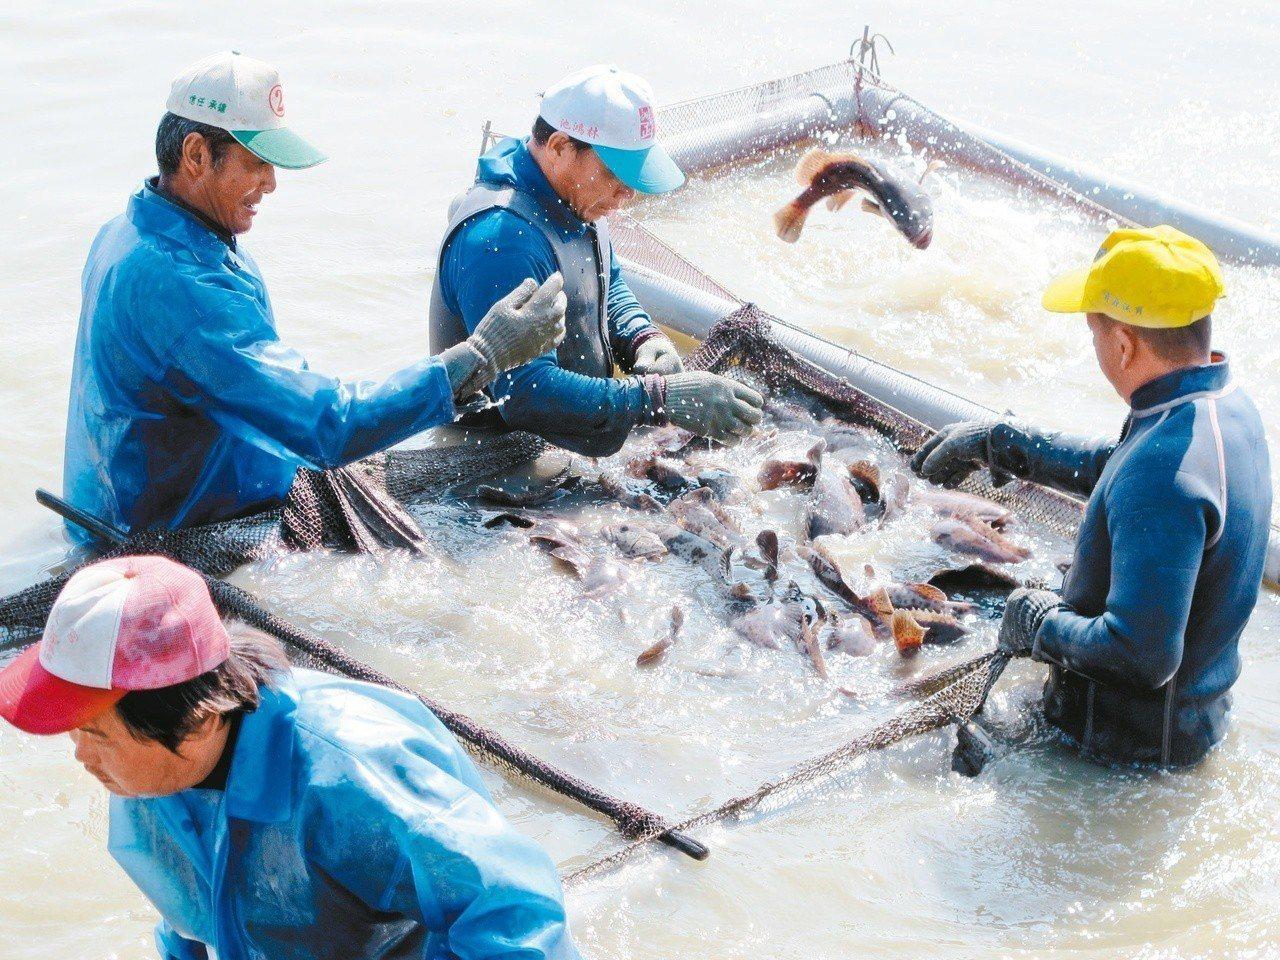 高雄永安漁民揀撈石斑魚的情形。 圖/聯合報系資料照片